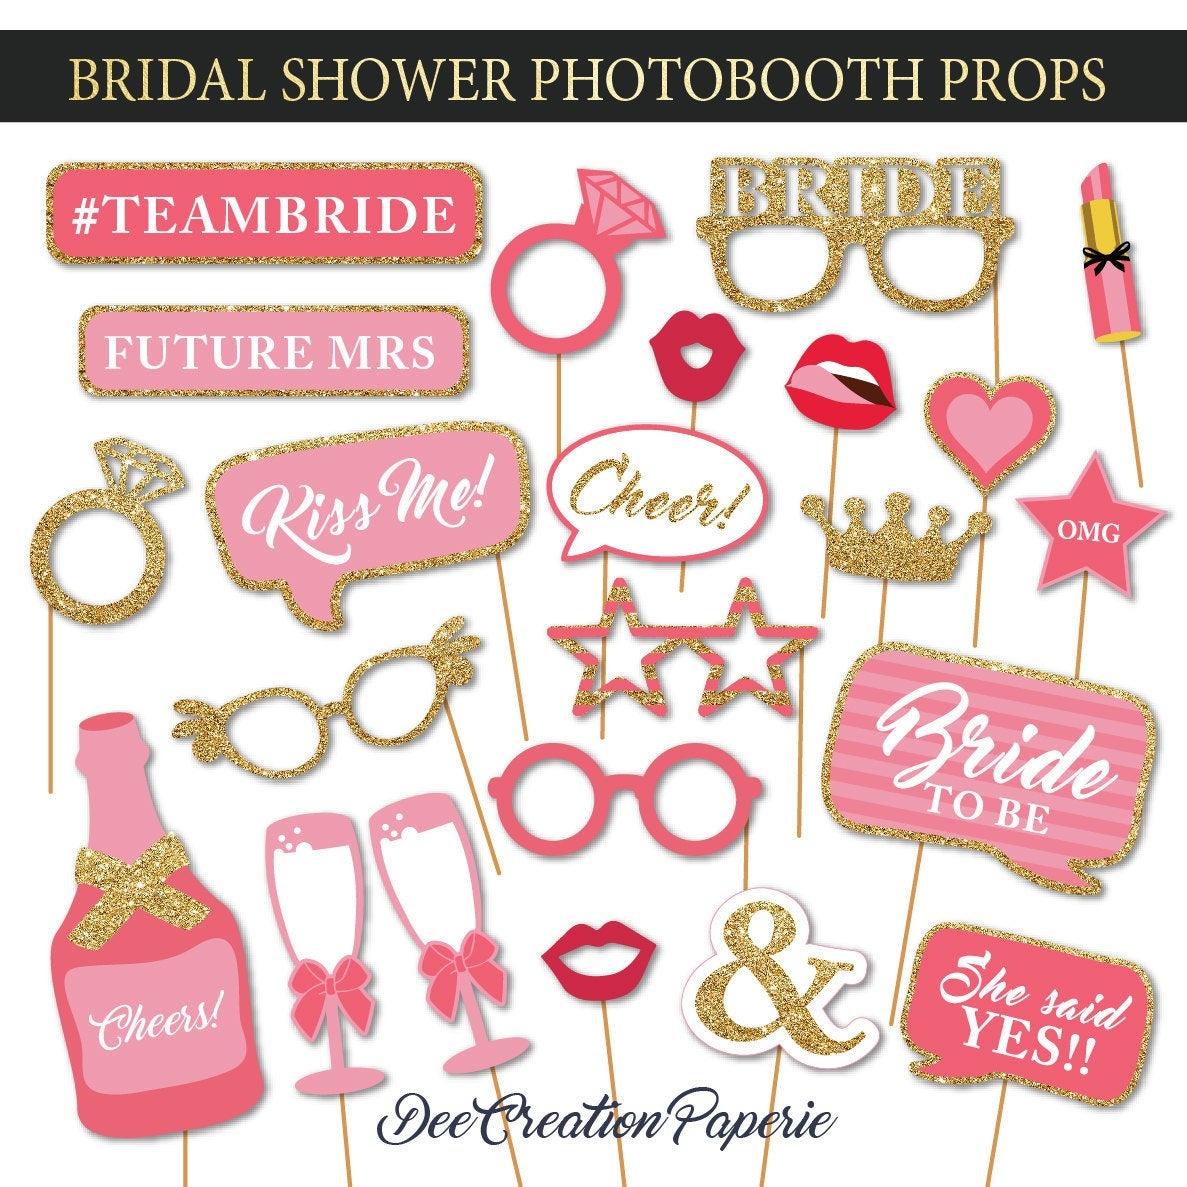 Printable Bridal Shower Photobooth Props Wedding Photo Booth | Etsy - Free Printable Photo Booth Props Bridal Shower